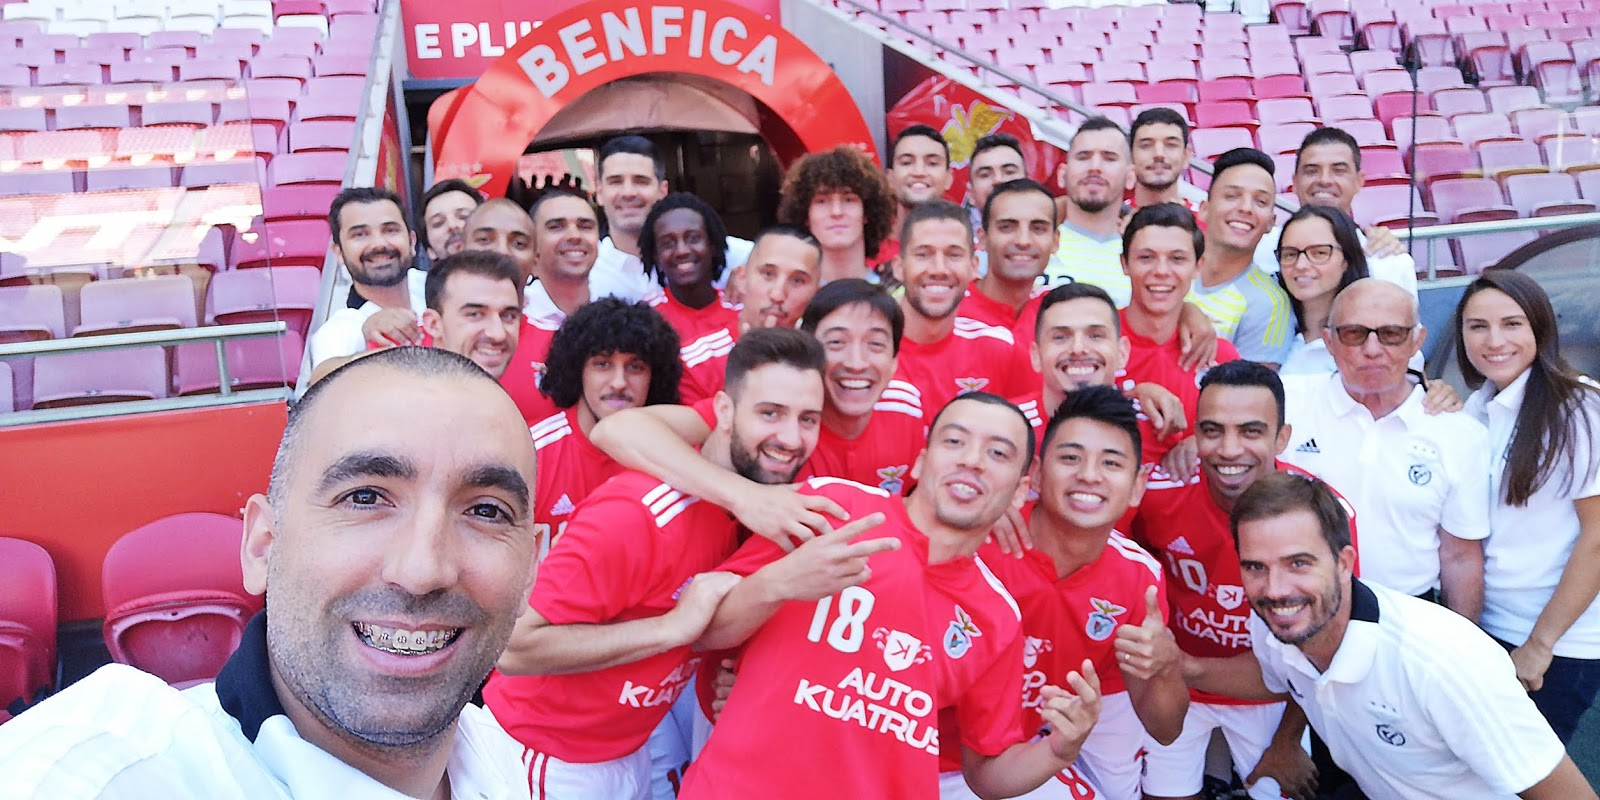 87d2b3ae47 Futsal - Pré-Época 2018 2019 - Eu Sou do Benfica!